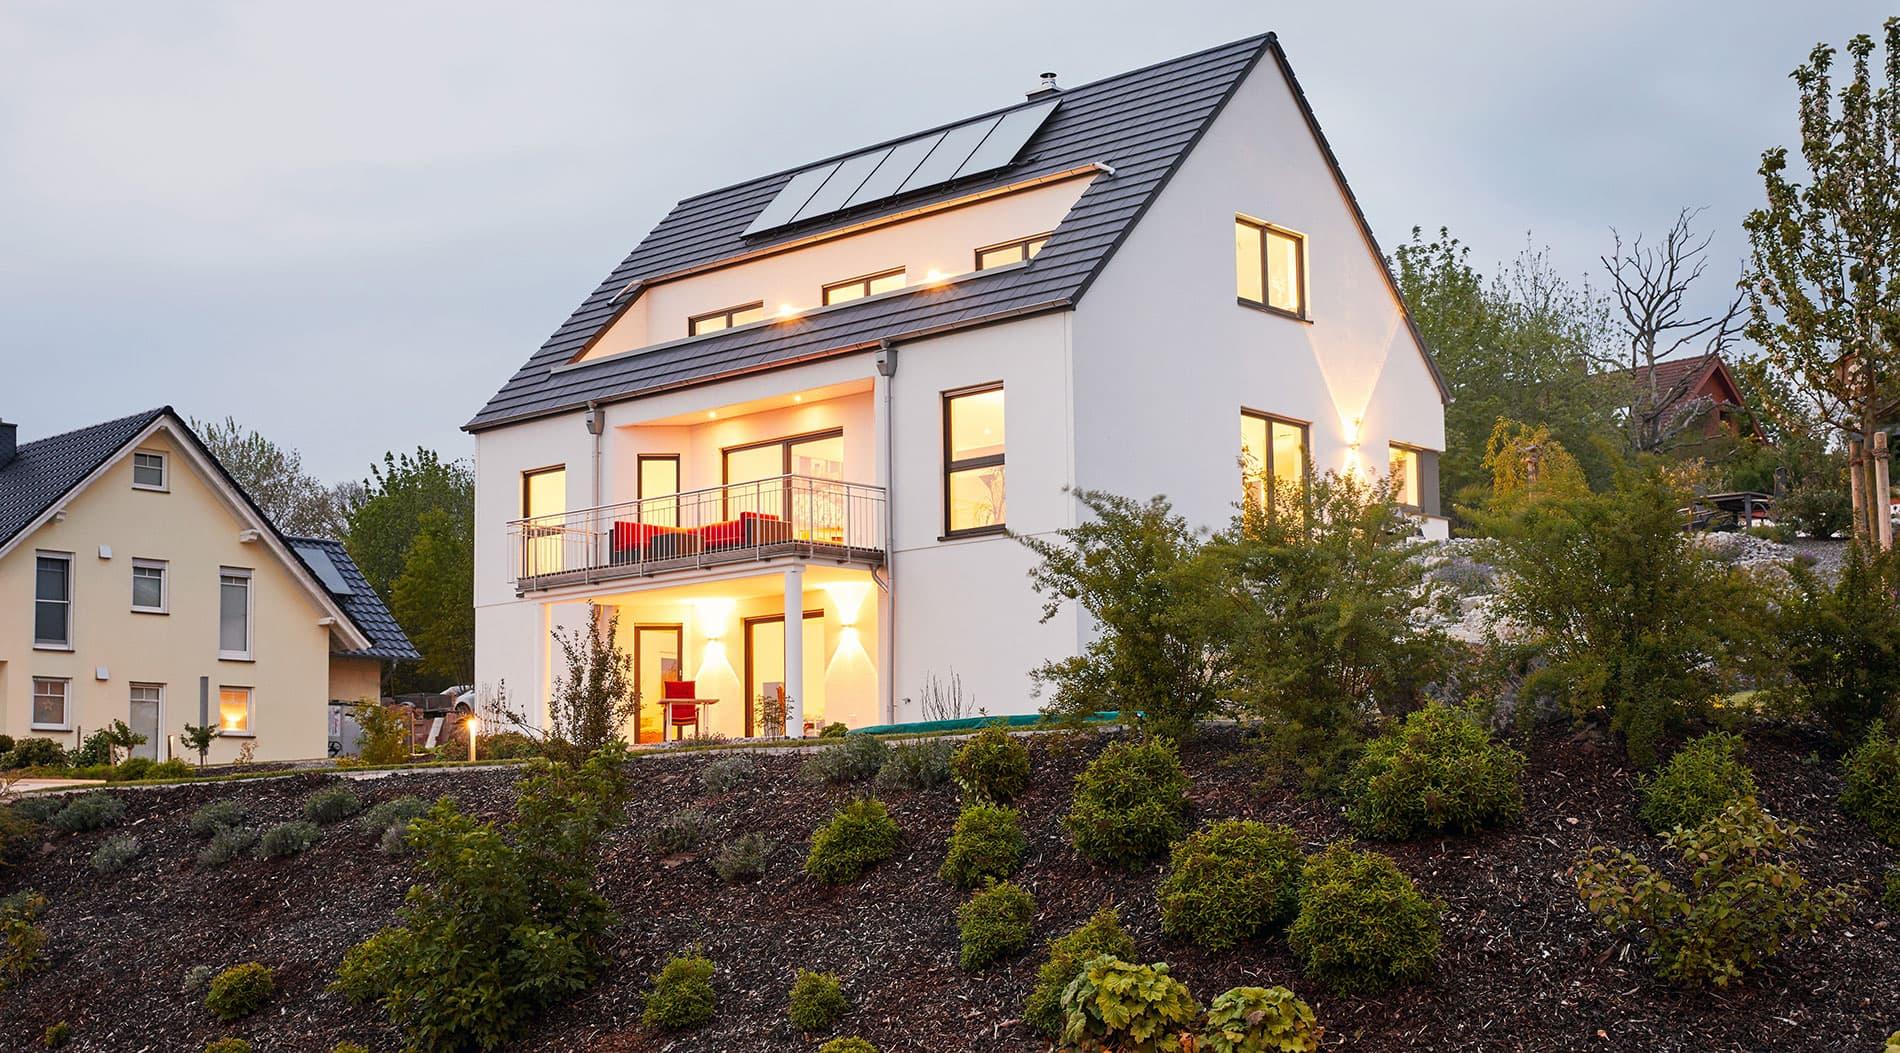 Mit weitblick gebaut einfamilienhaus in hanglage for Raumgestaltung dresden